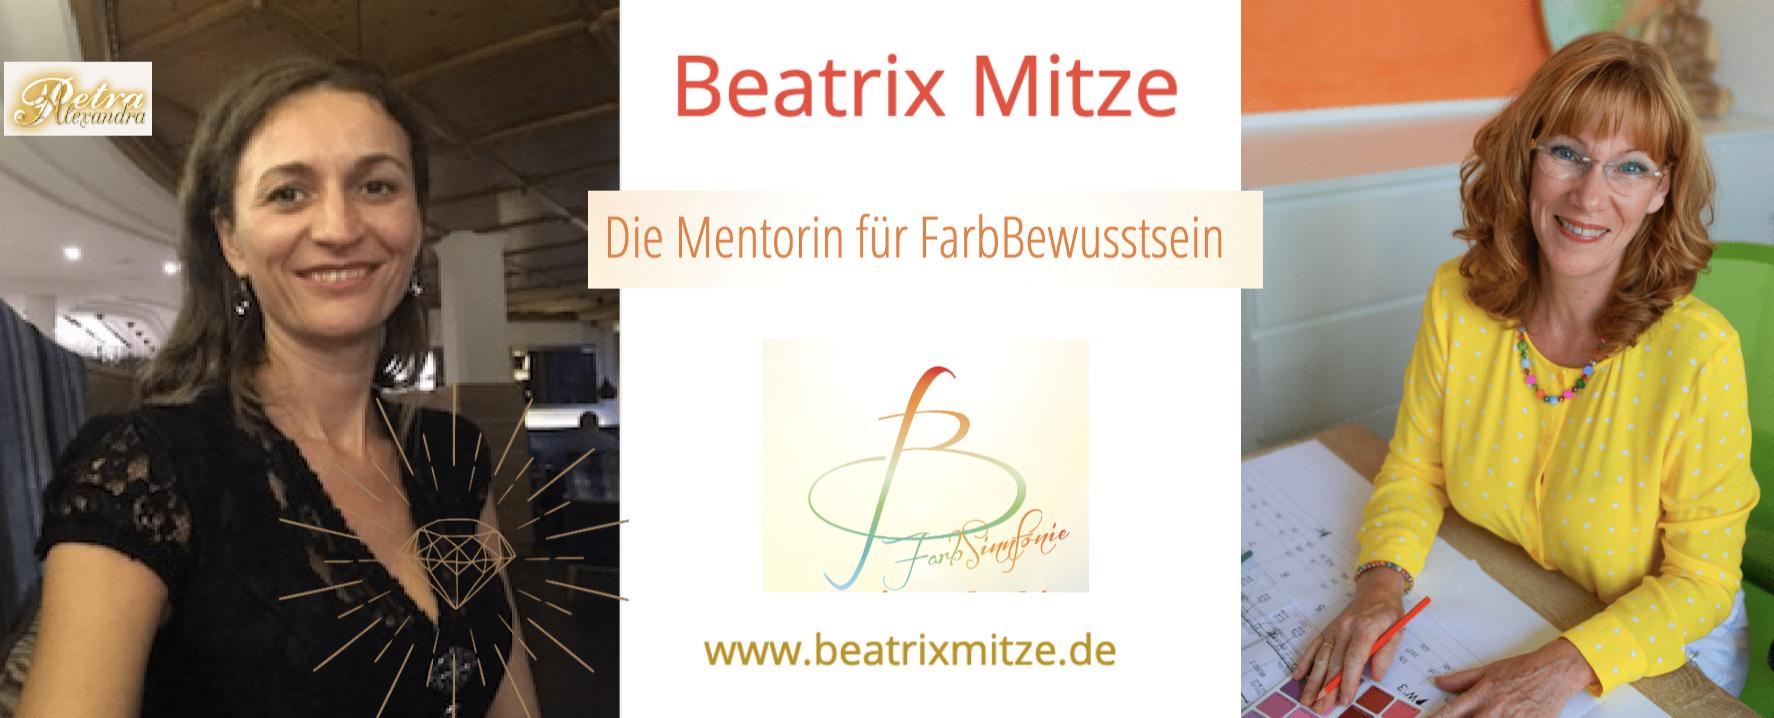 Beatrix Mitze: Mentorin für Farbbewustsein